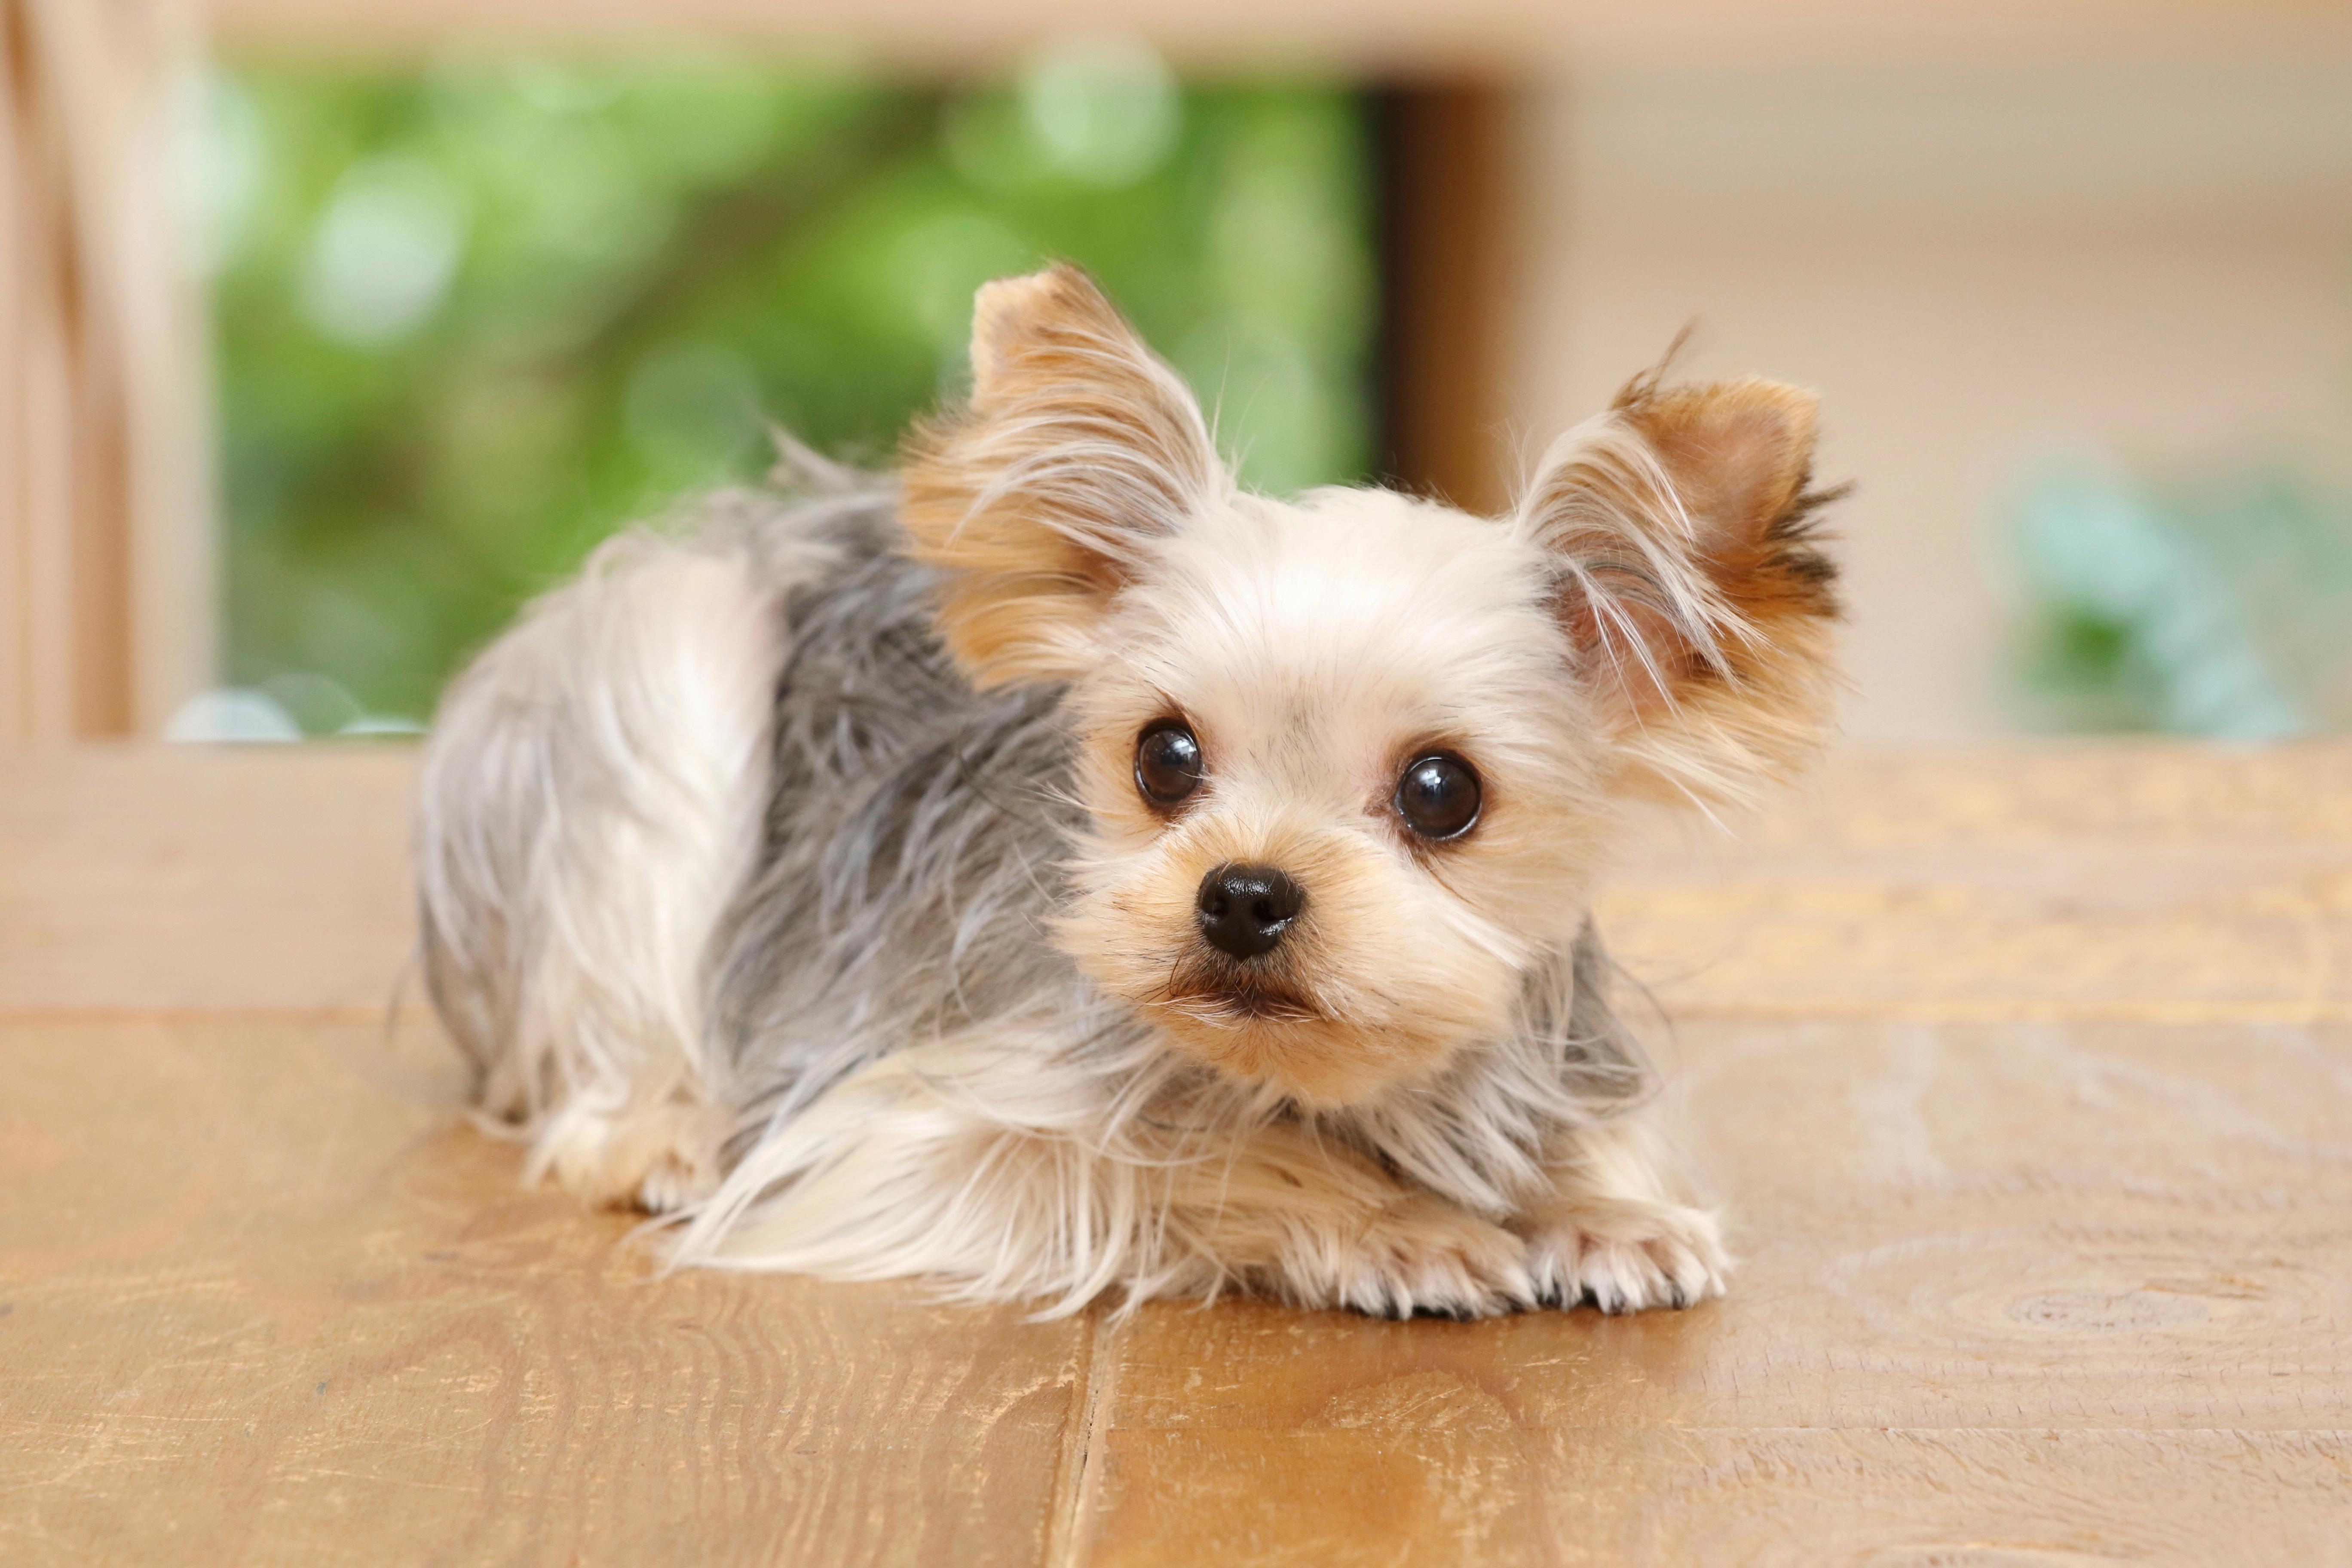 ヨークシャーテリアは犬をはじめて飼う人におすすめの犬種!ヨークシャーテリアの飼い方